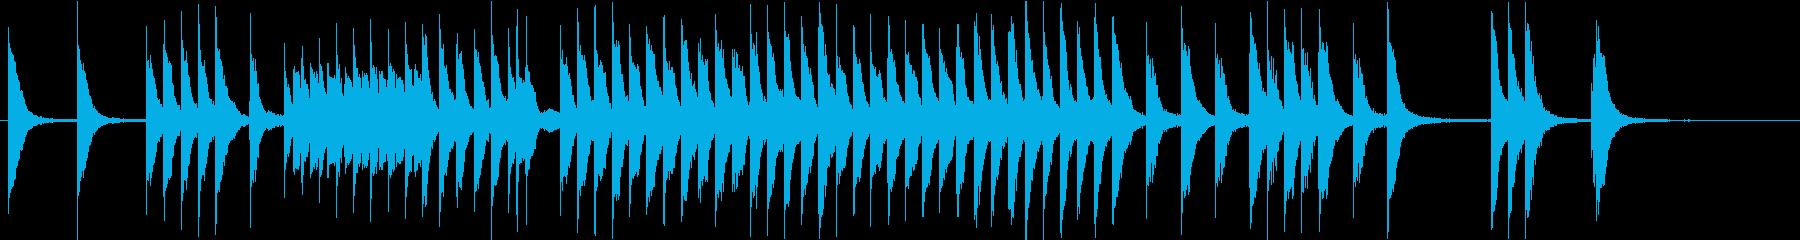 元気で軽快な子供/ペット映像 ピアノソロの再生済みの波形